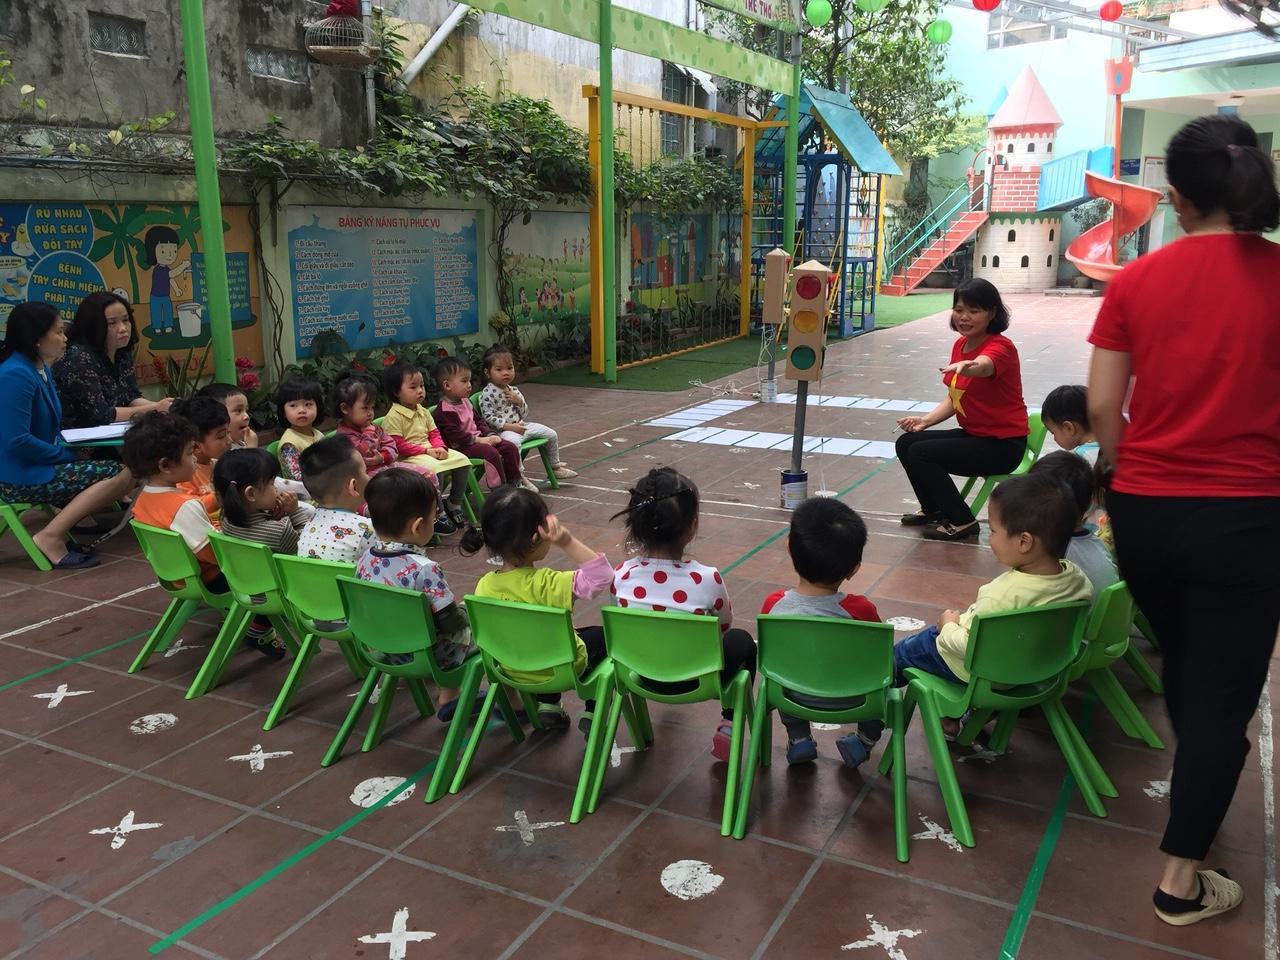 Trường mẫu giáo Số 5 - Ngọc Hà